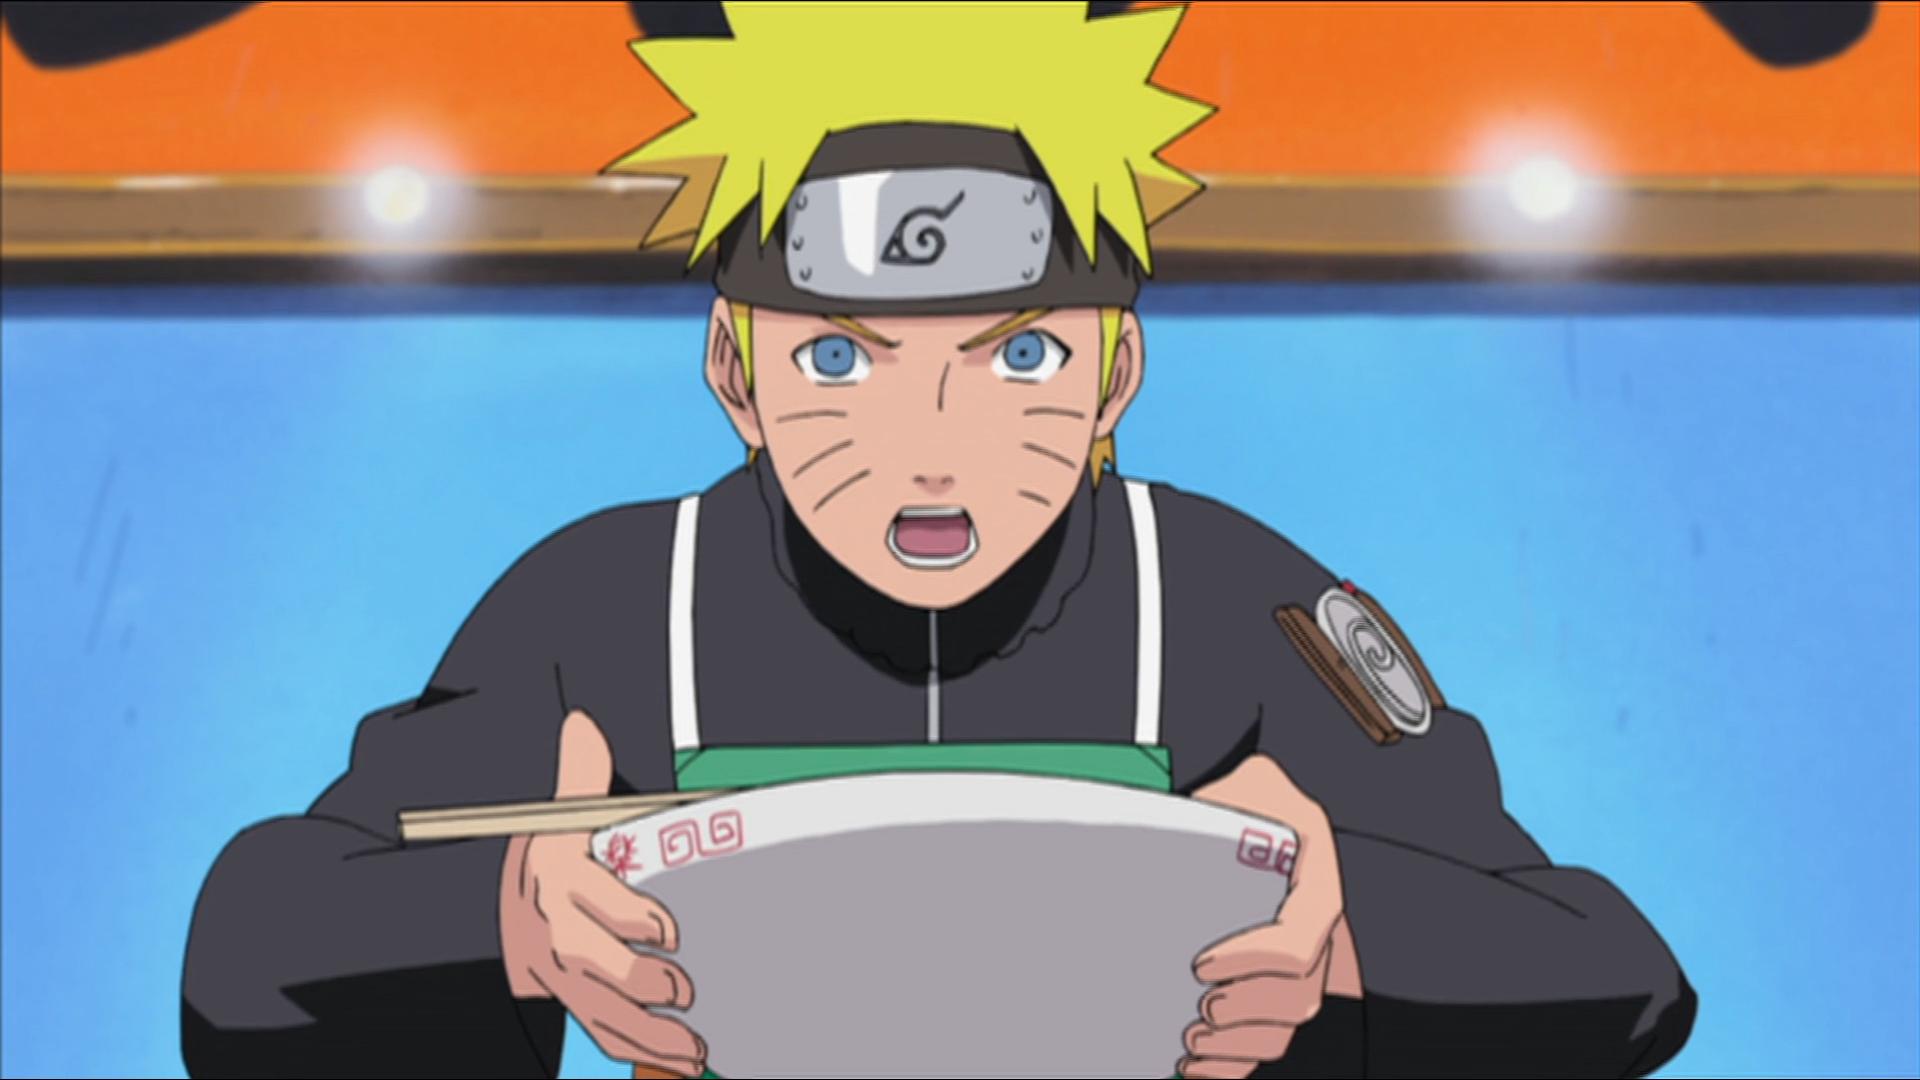 Naruto Uzumaki se prepara para comer un plato de ramen en una escena del anime de televisión Naruto Shippuden.